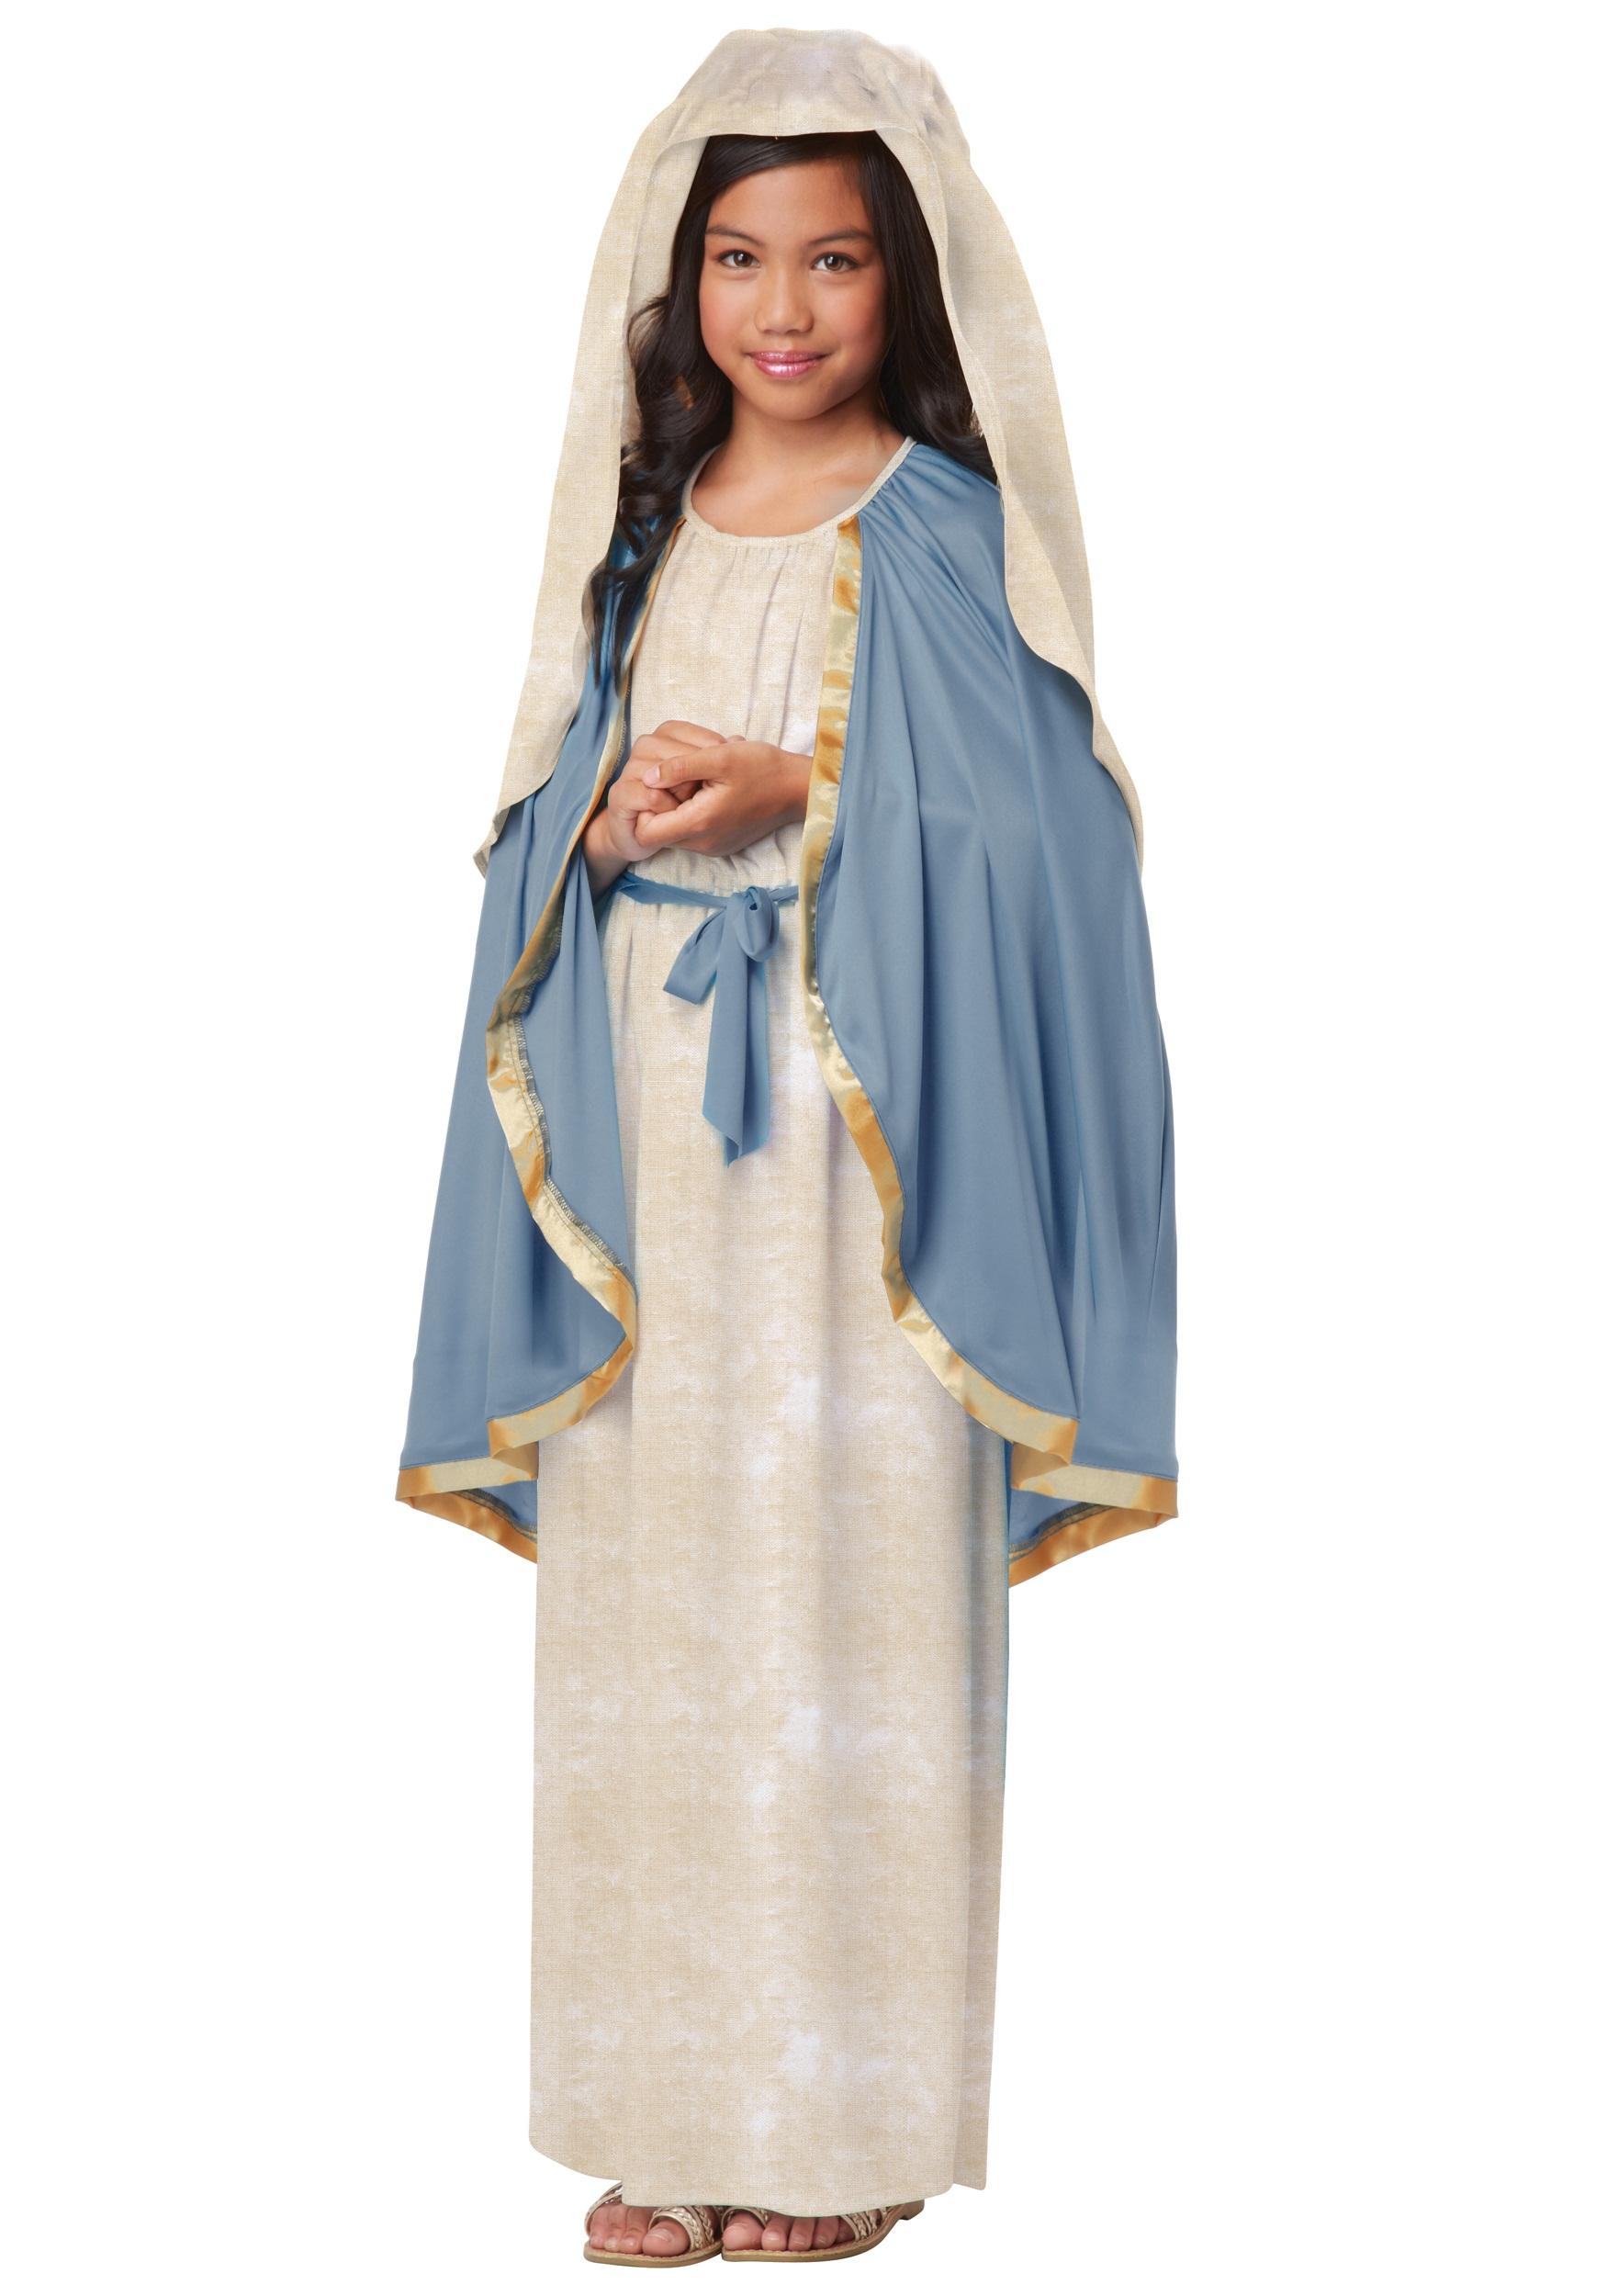 Virgin Mary Costume for Girls